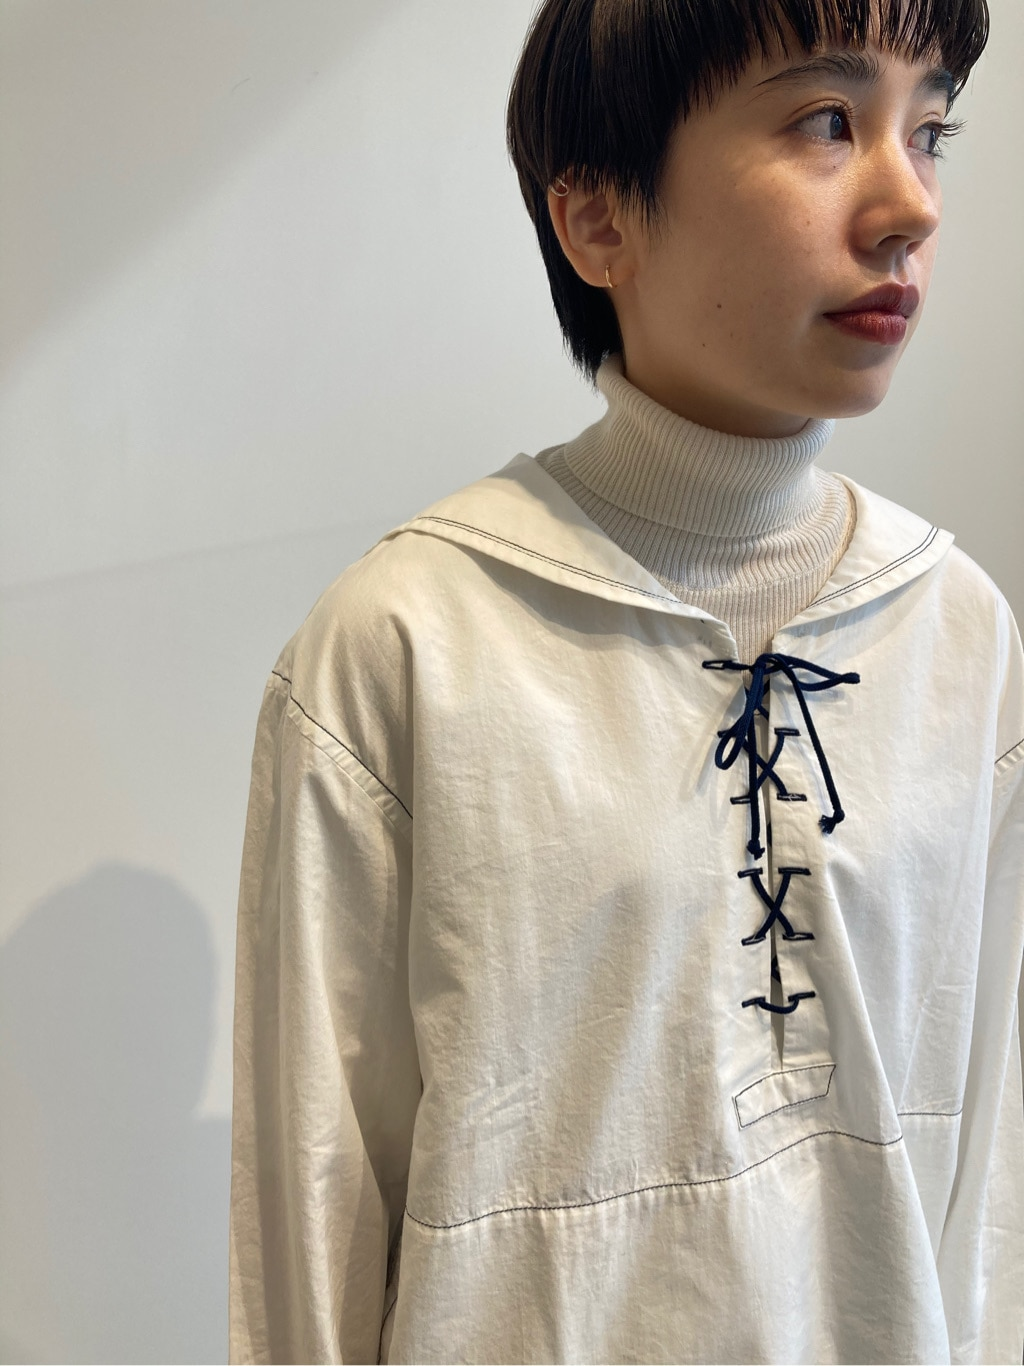 - PAR ICI FLAT AMB 名古屋栄路面 身長:156cm 2020.09.25